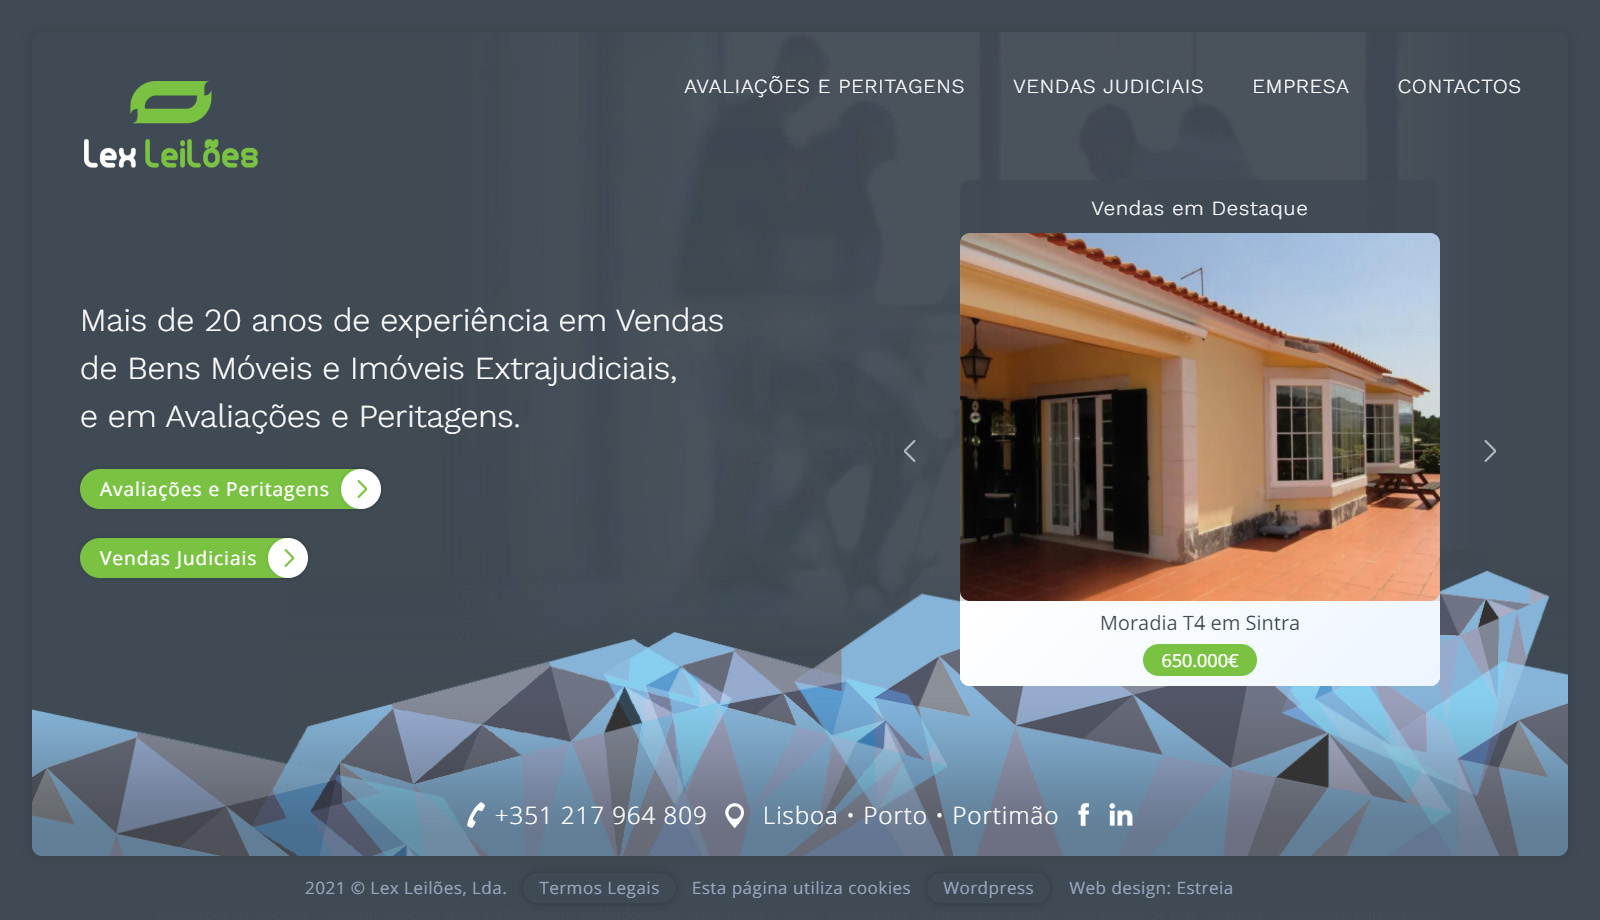 Lex Leilões website